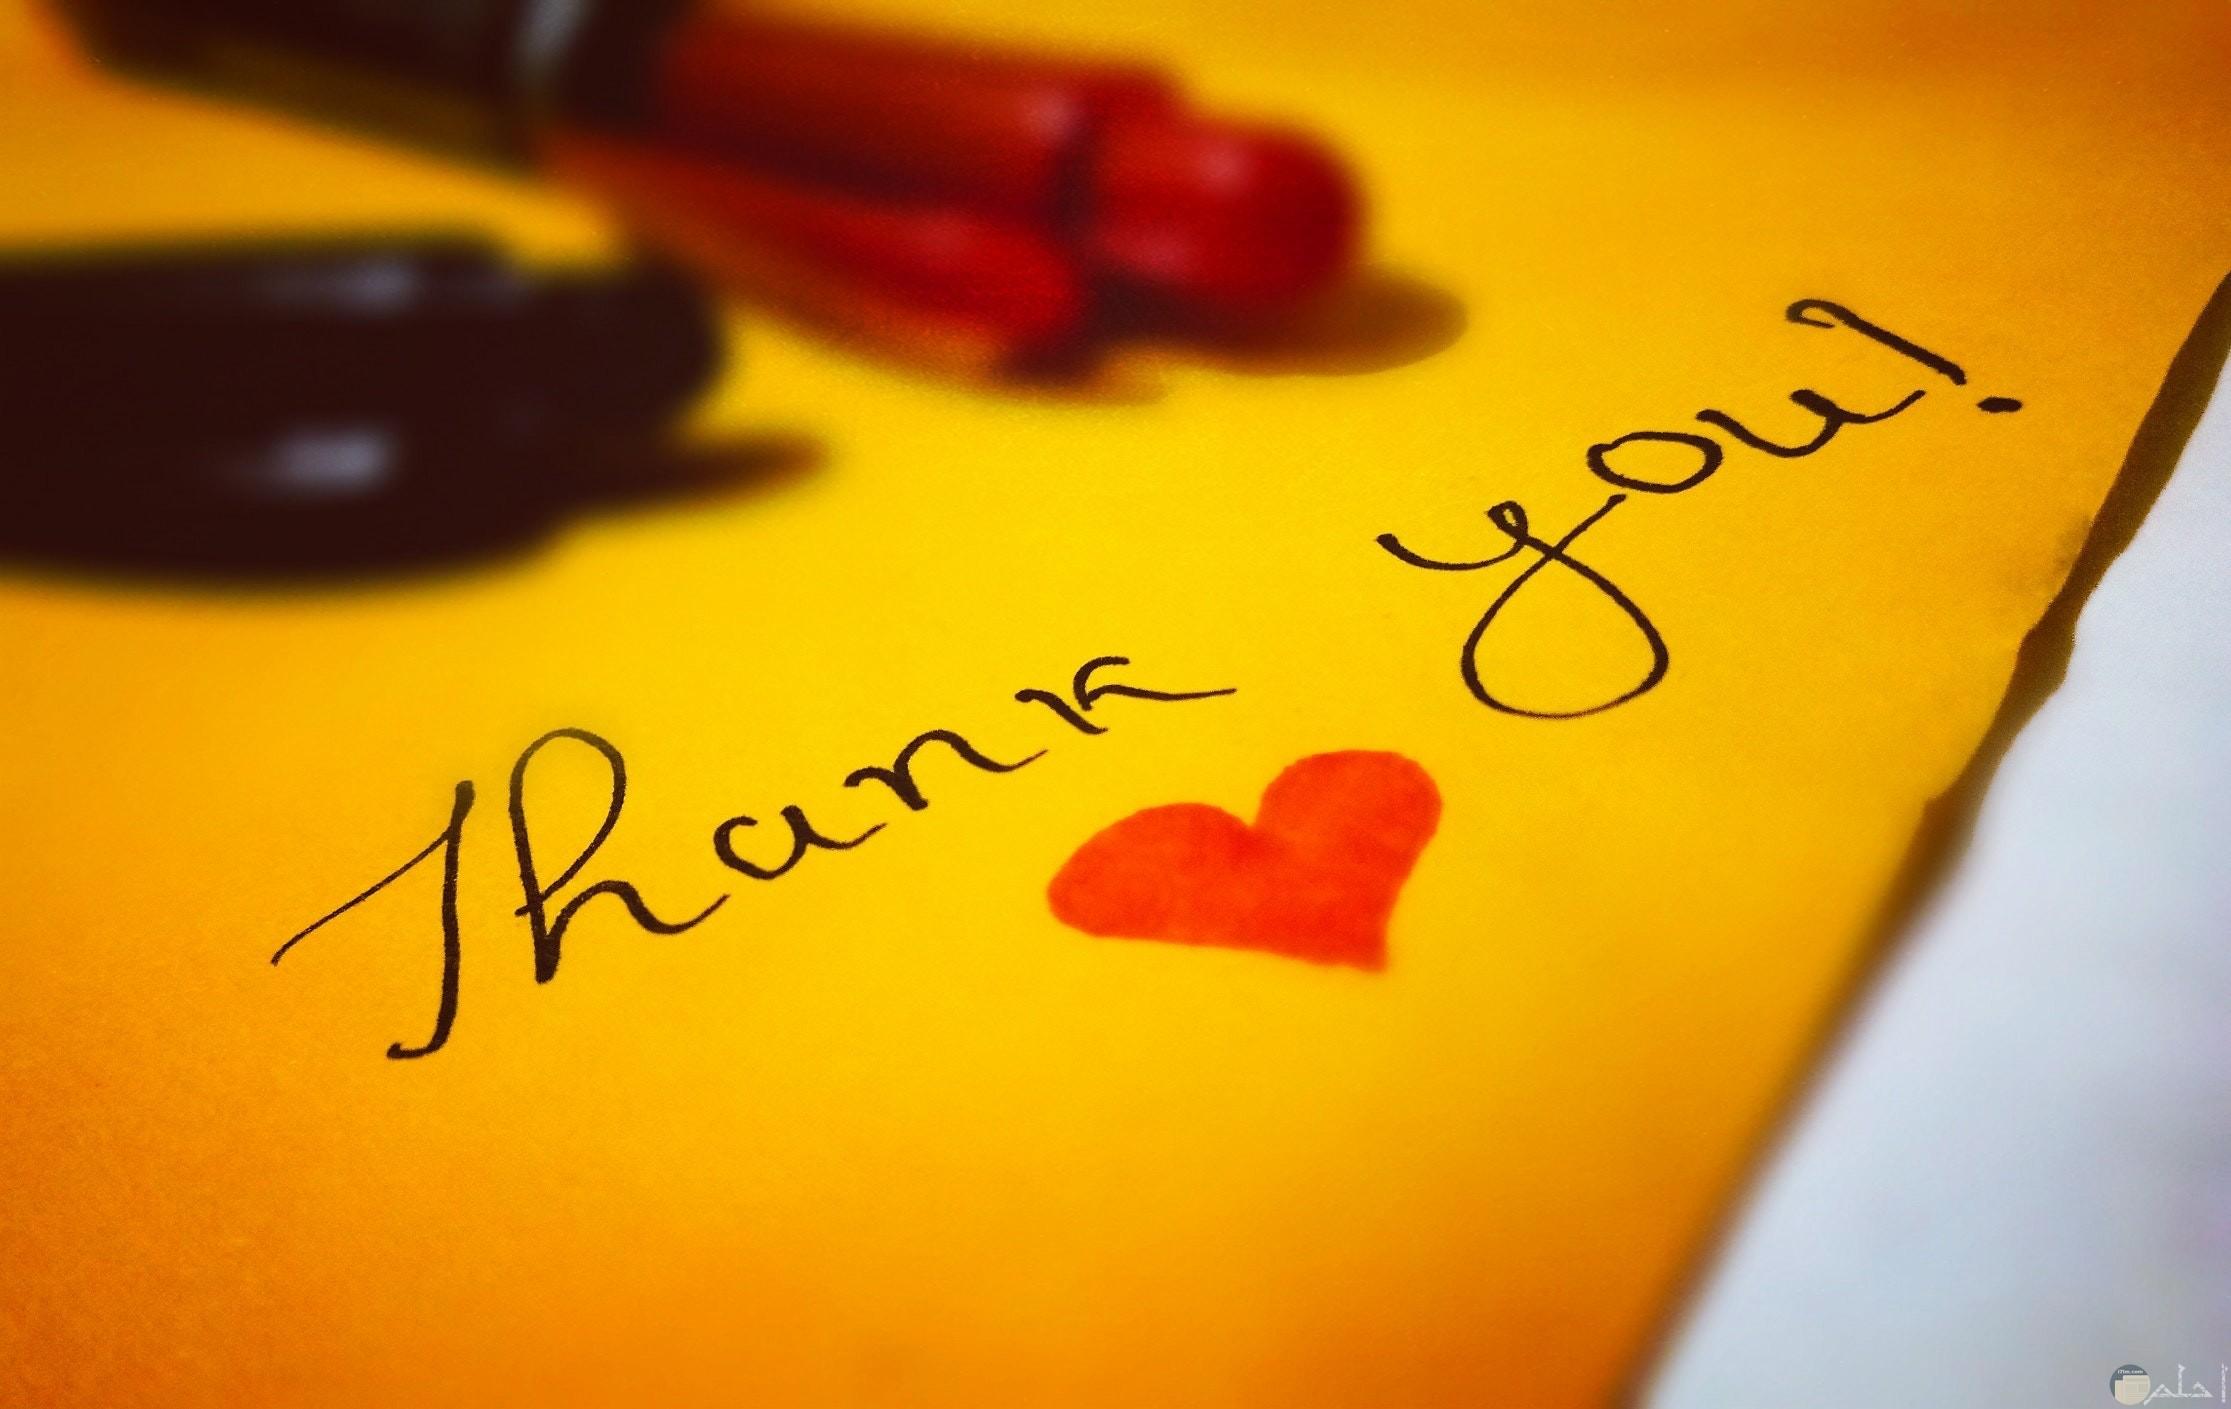 صورة جميلة للتعبير عن الشكر بالإنجليزي مكتوبة علي ورقة صفراء معاها قلب أحمر وقلمين